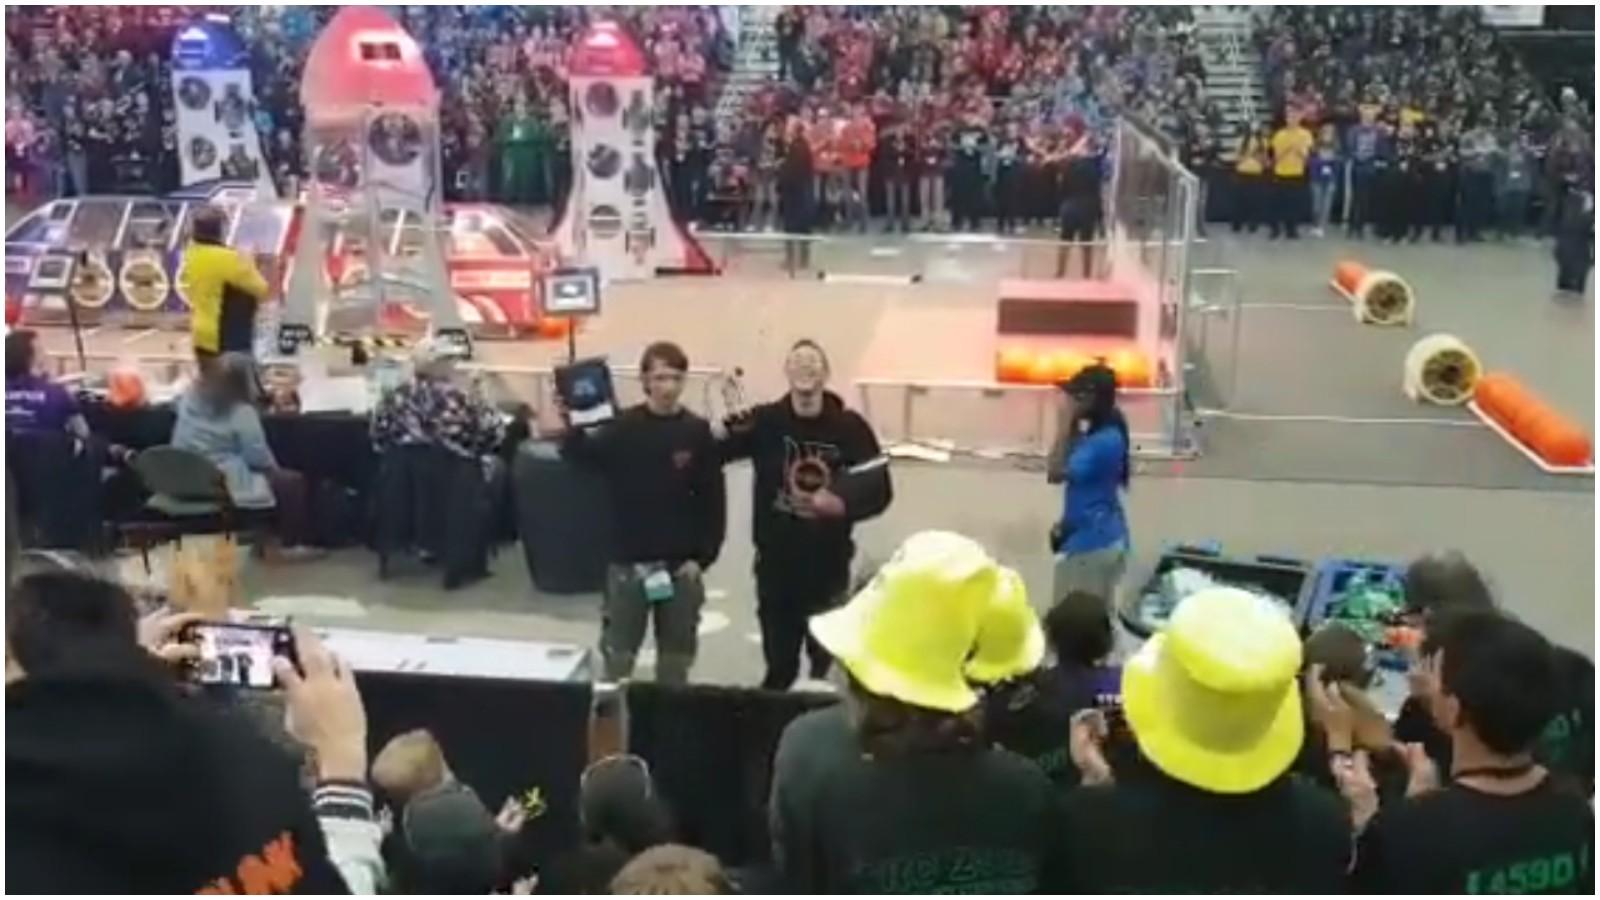 נבחרת הרובוטיקה של תיכון אביב זוכה בפרס החדשנות באליפות העולם. צילום: רם צרפתי